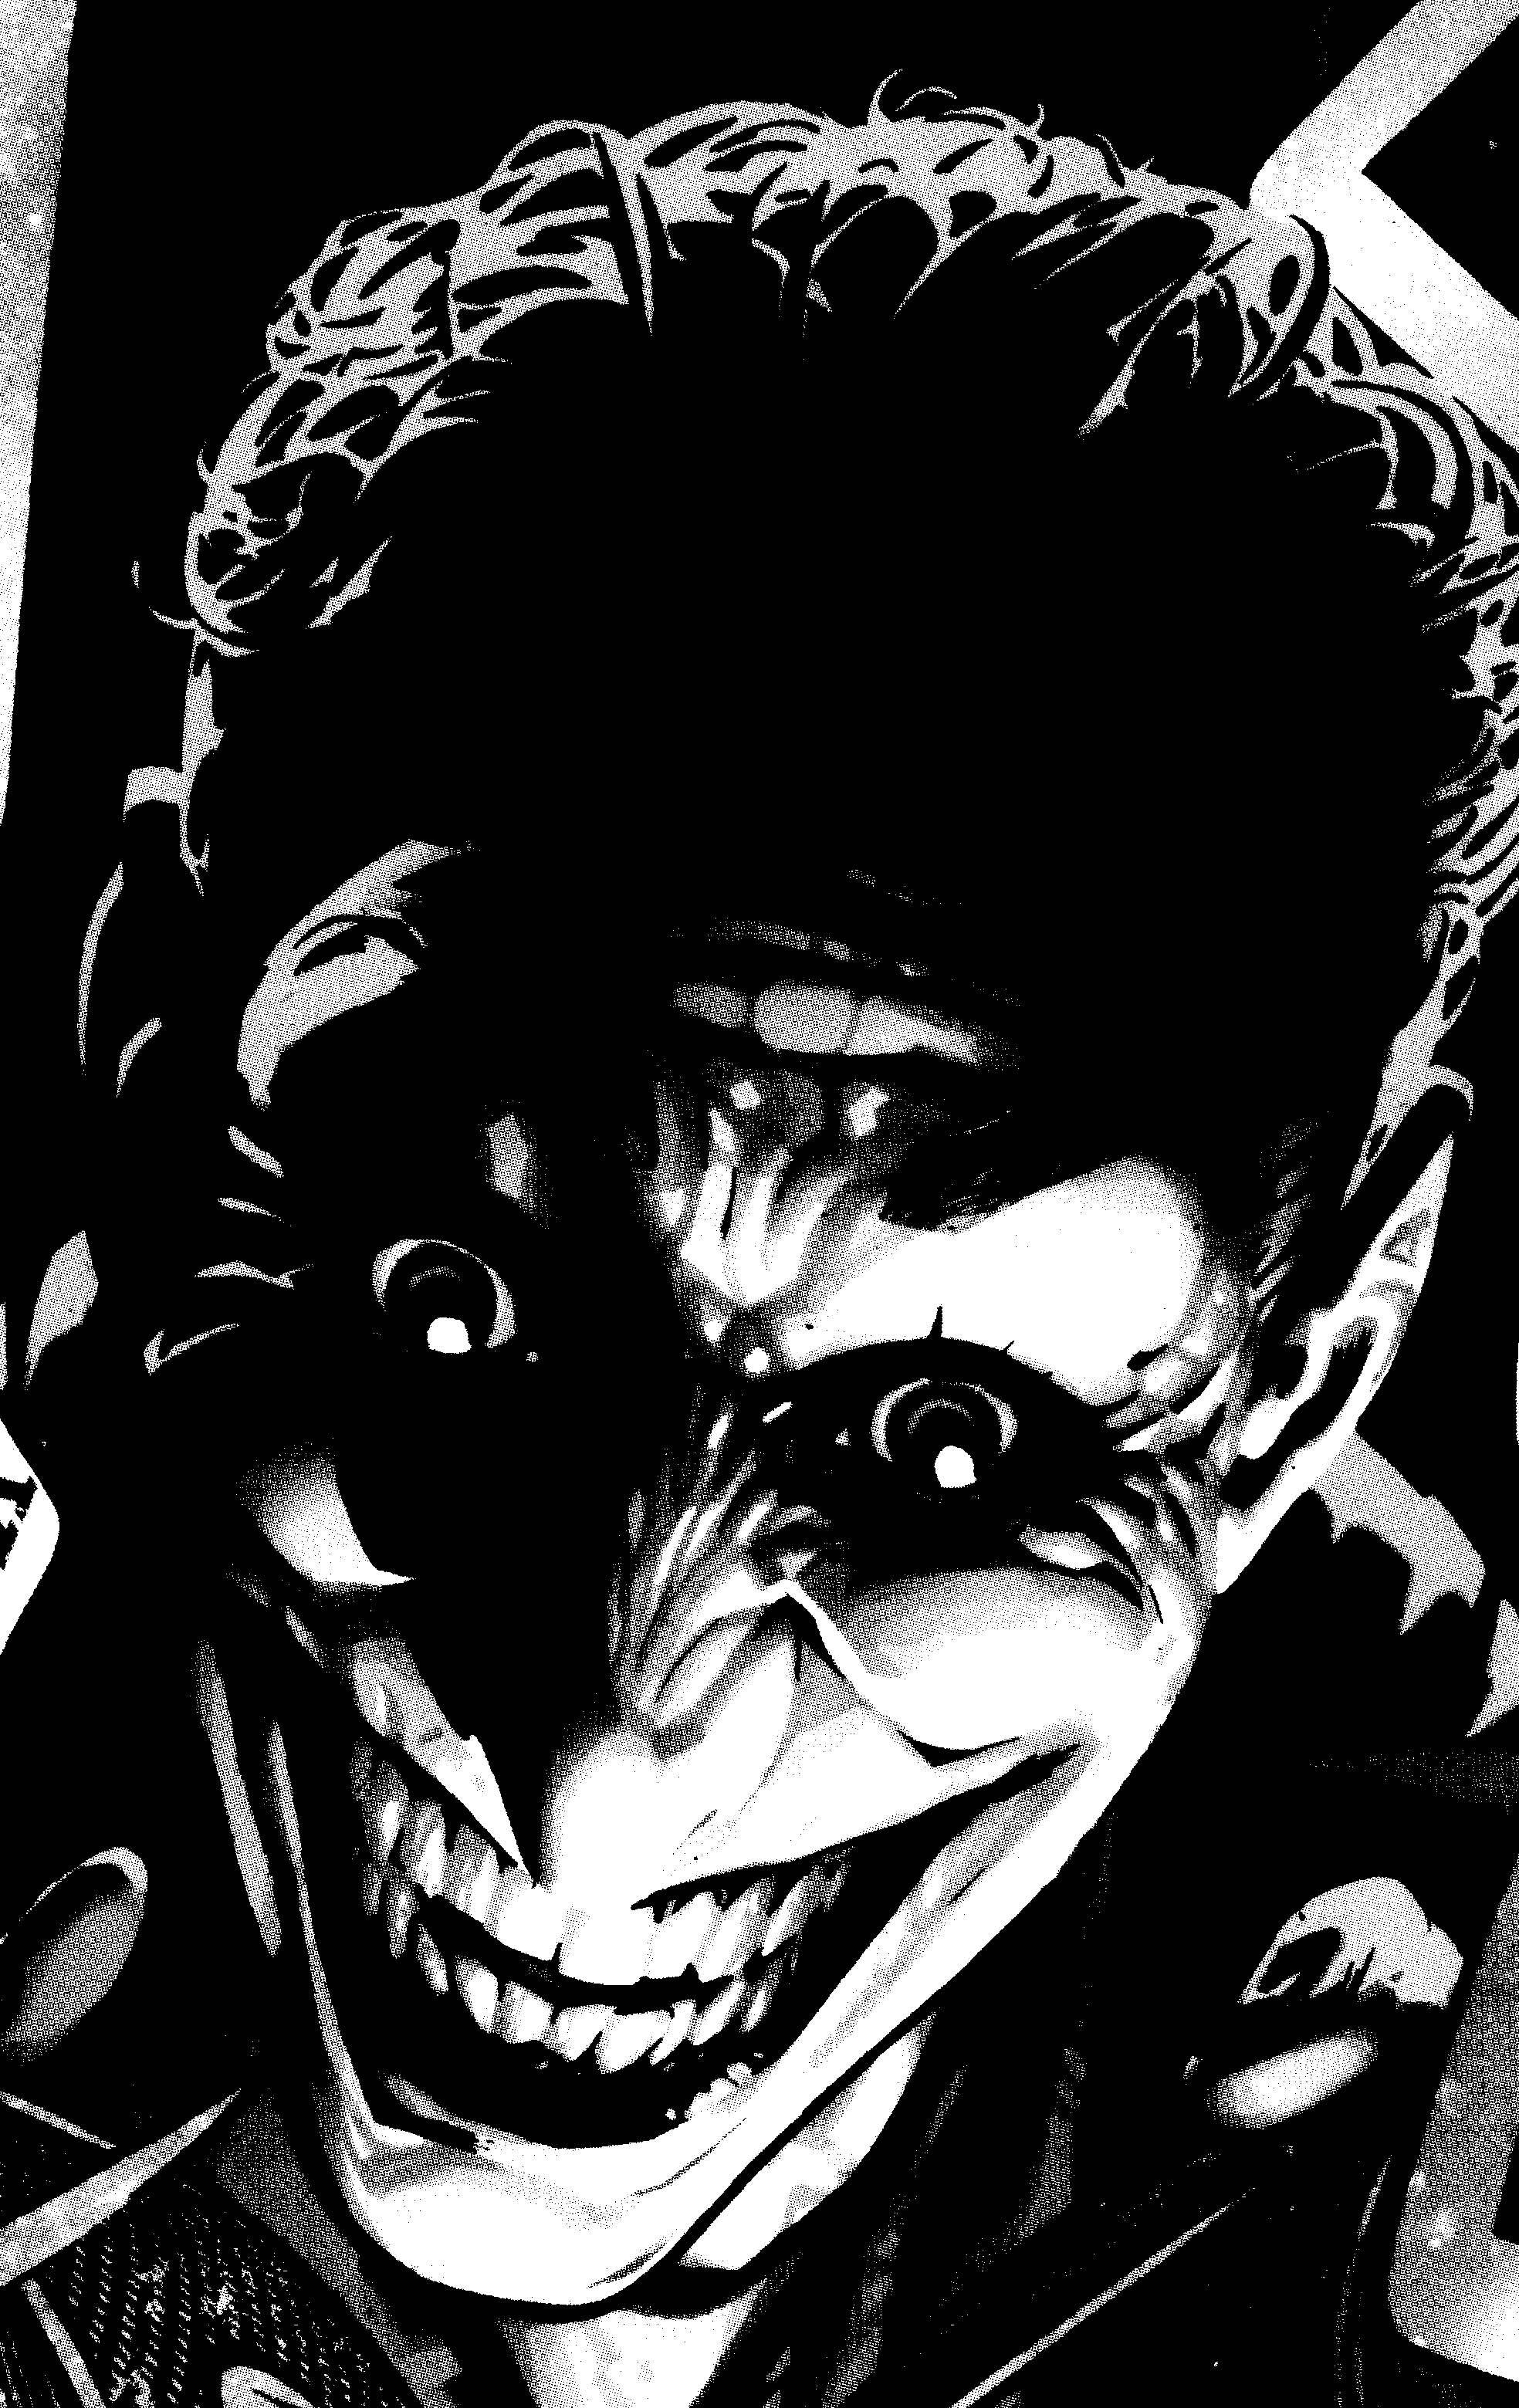 Joker in black and white